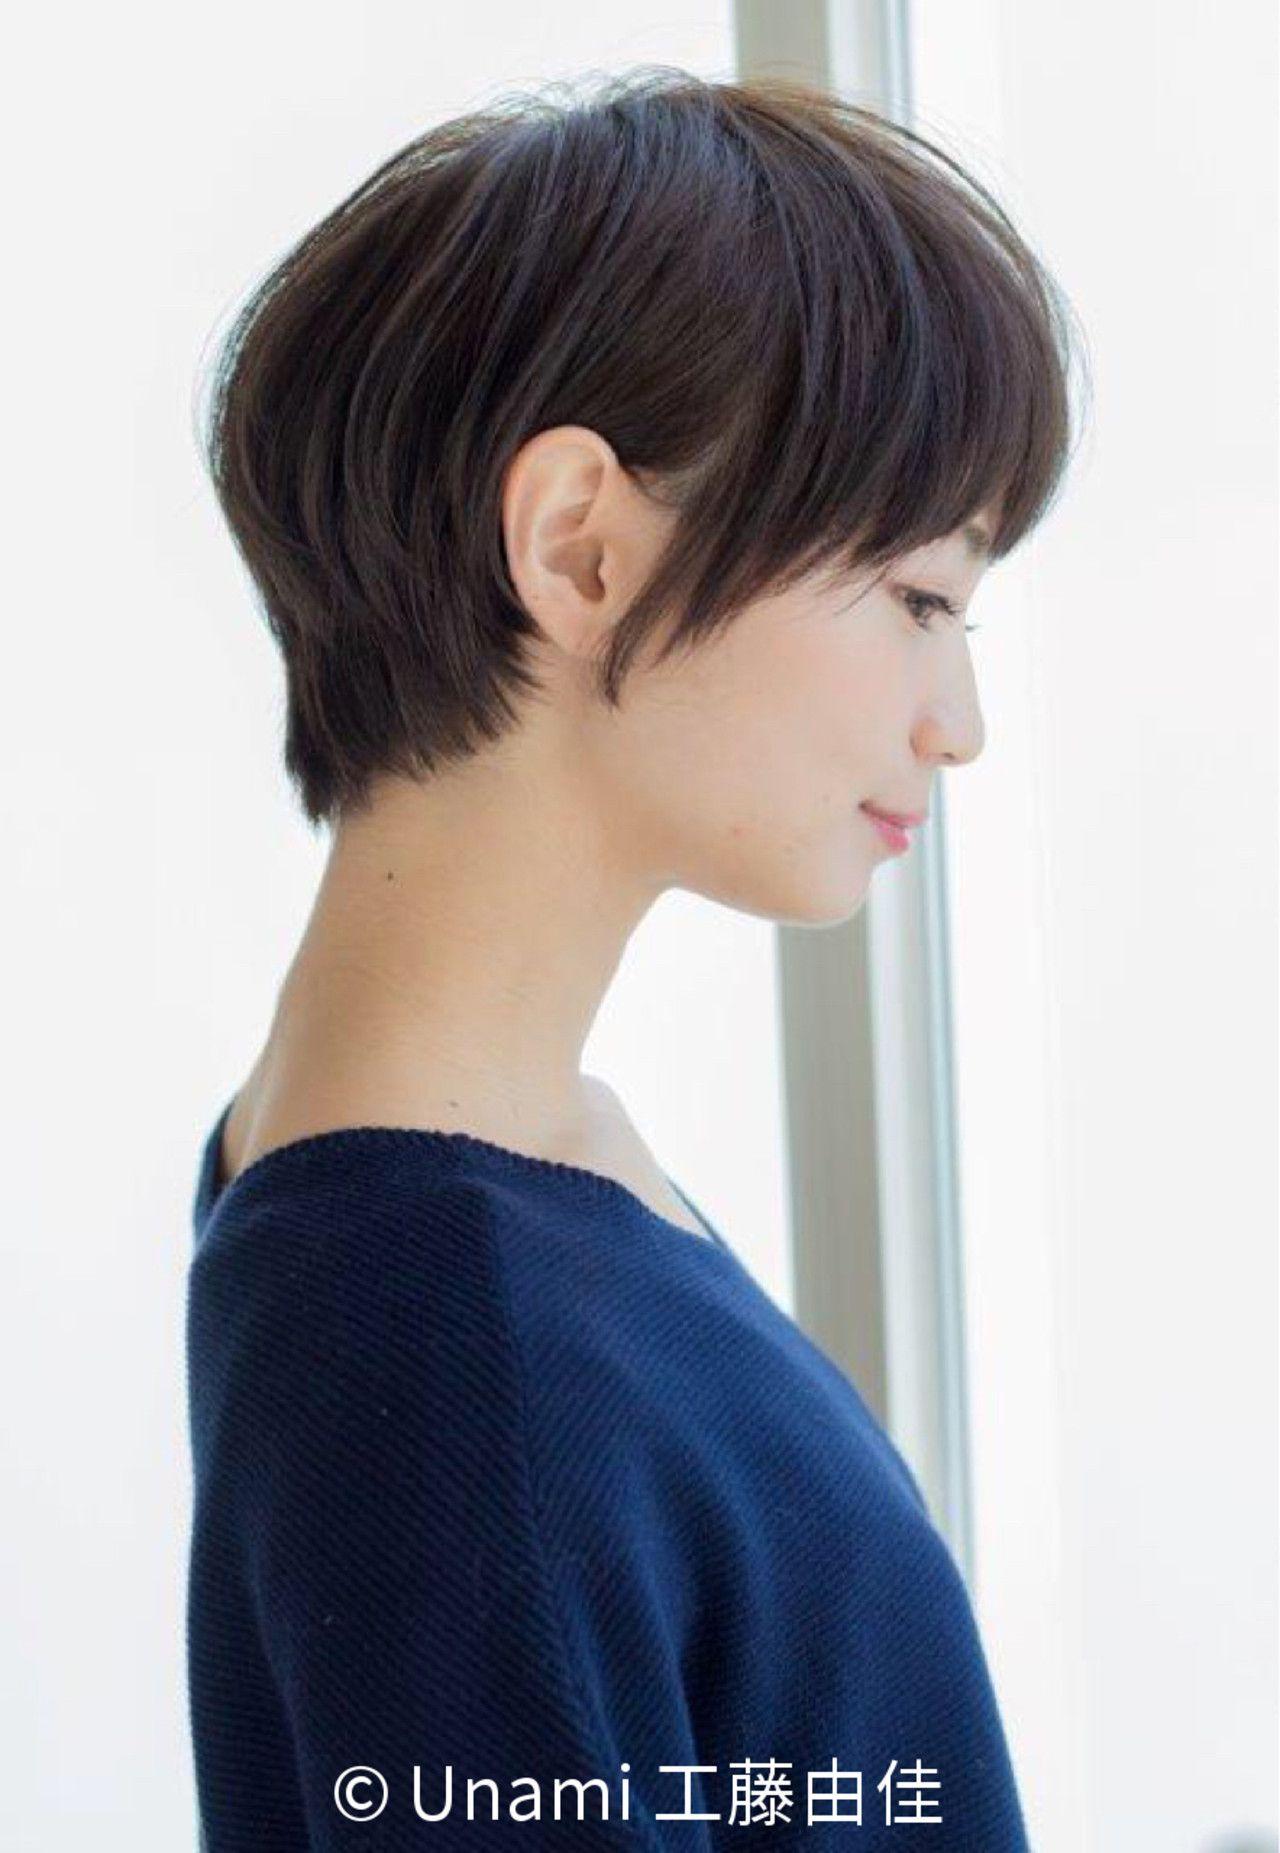 Hair Unami 工藤由佳さんのヘアスタイルスナップ Id 249134